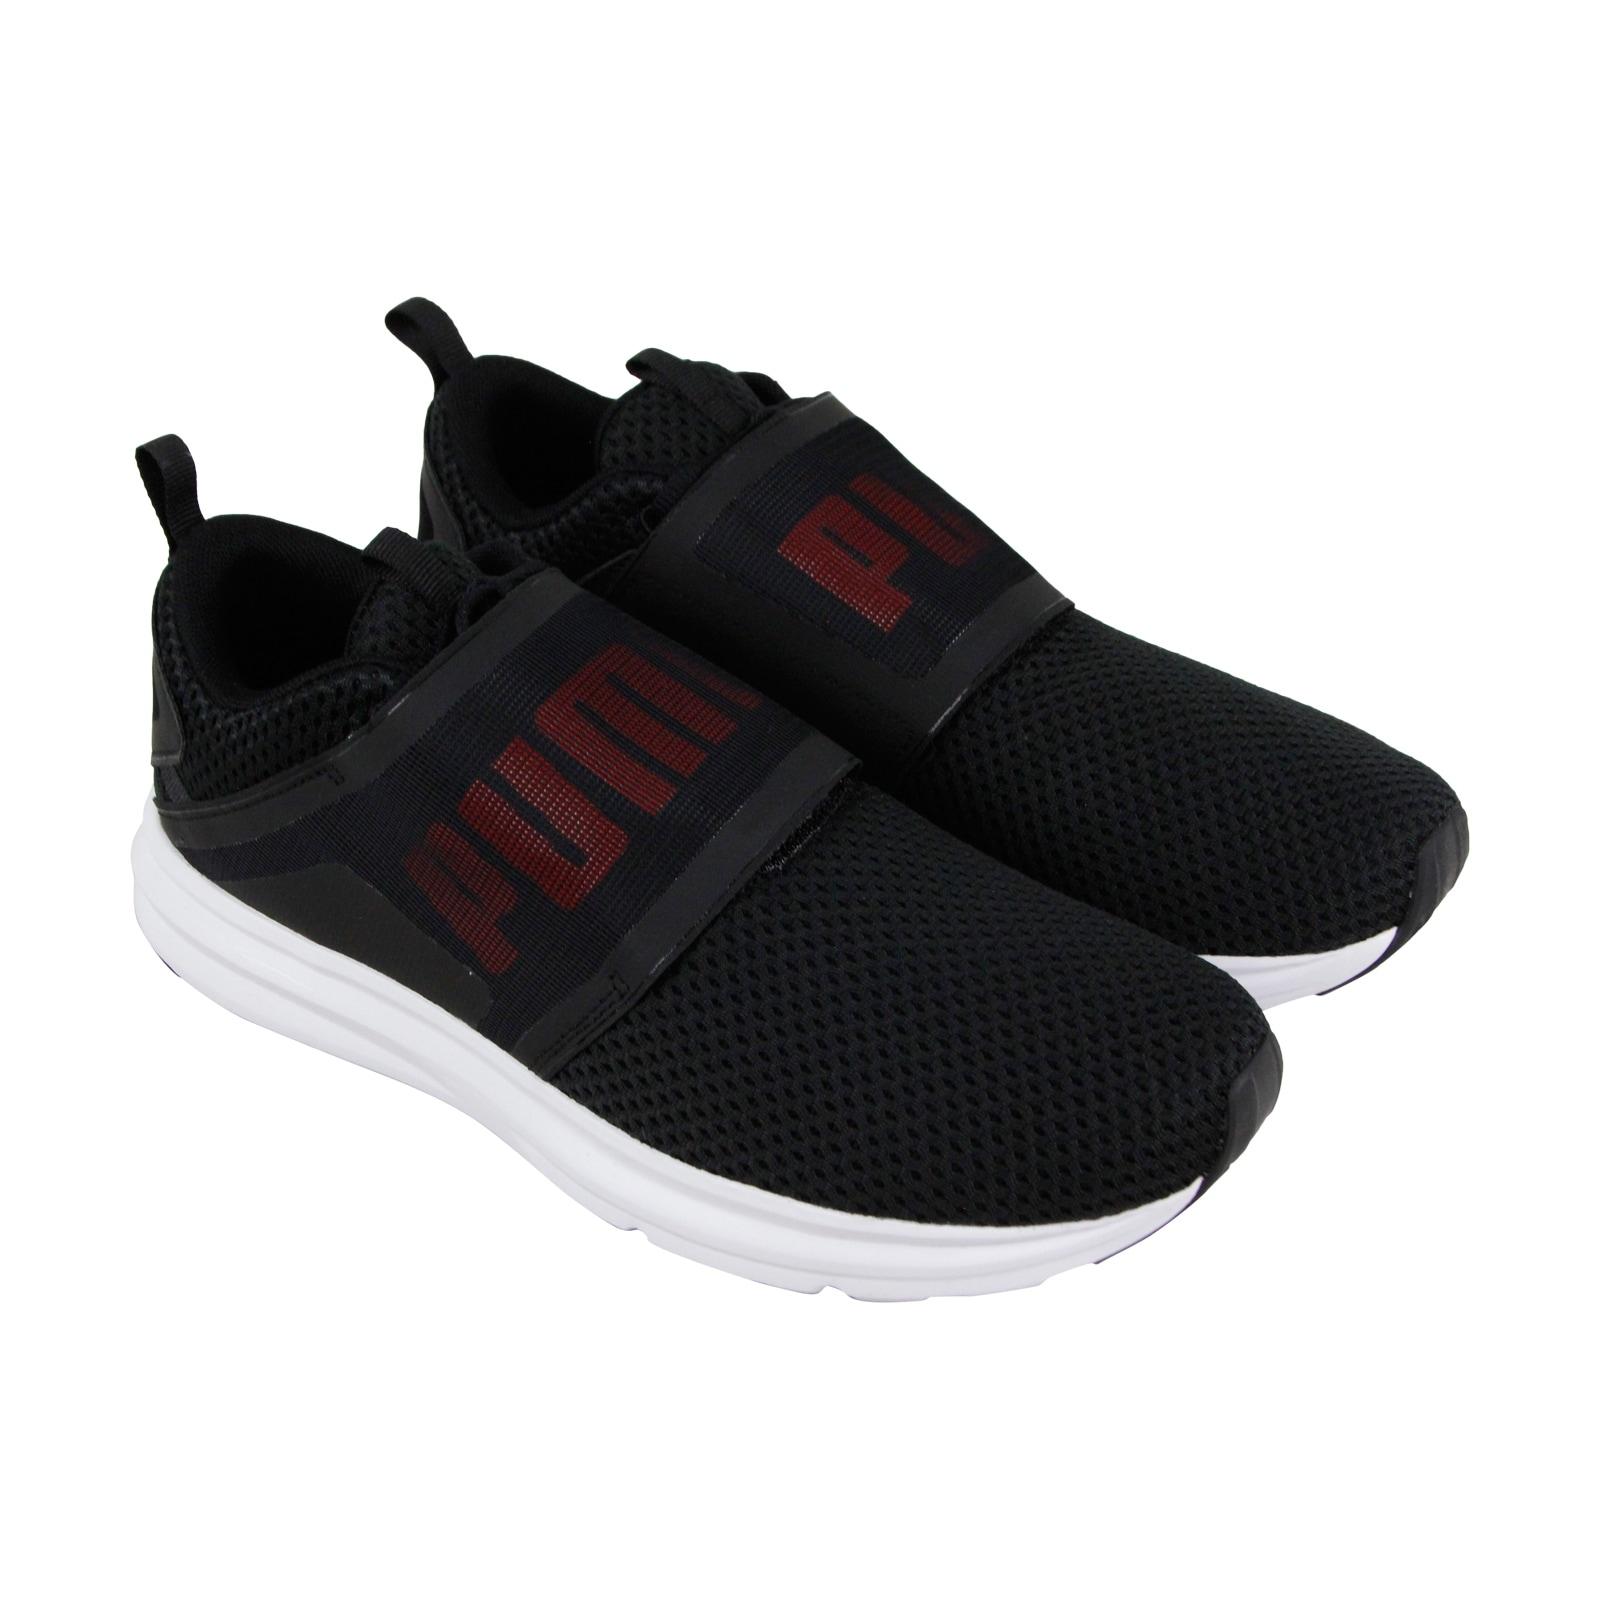 fb64da646a5 Puma Shoes